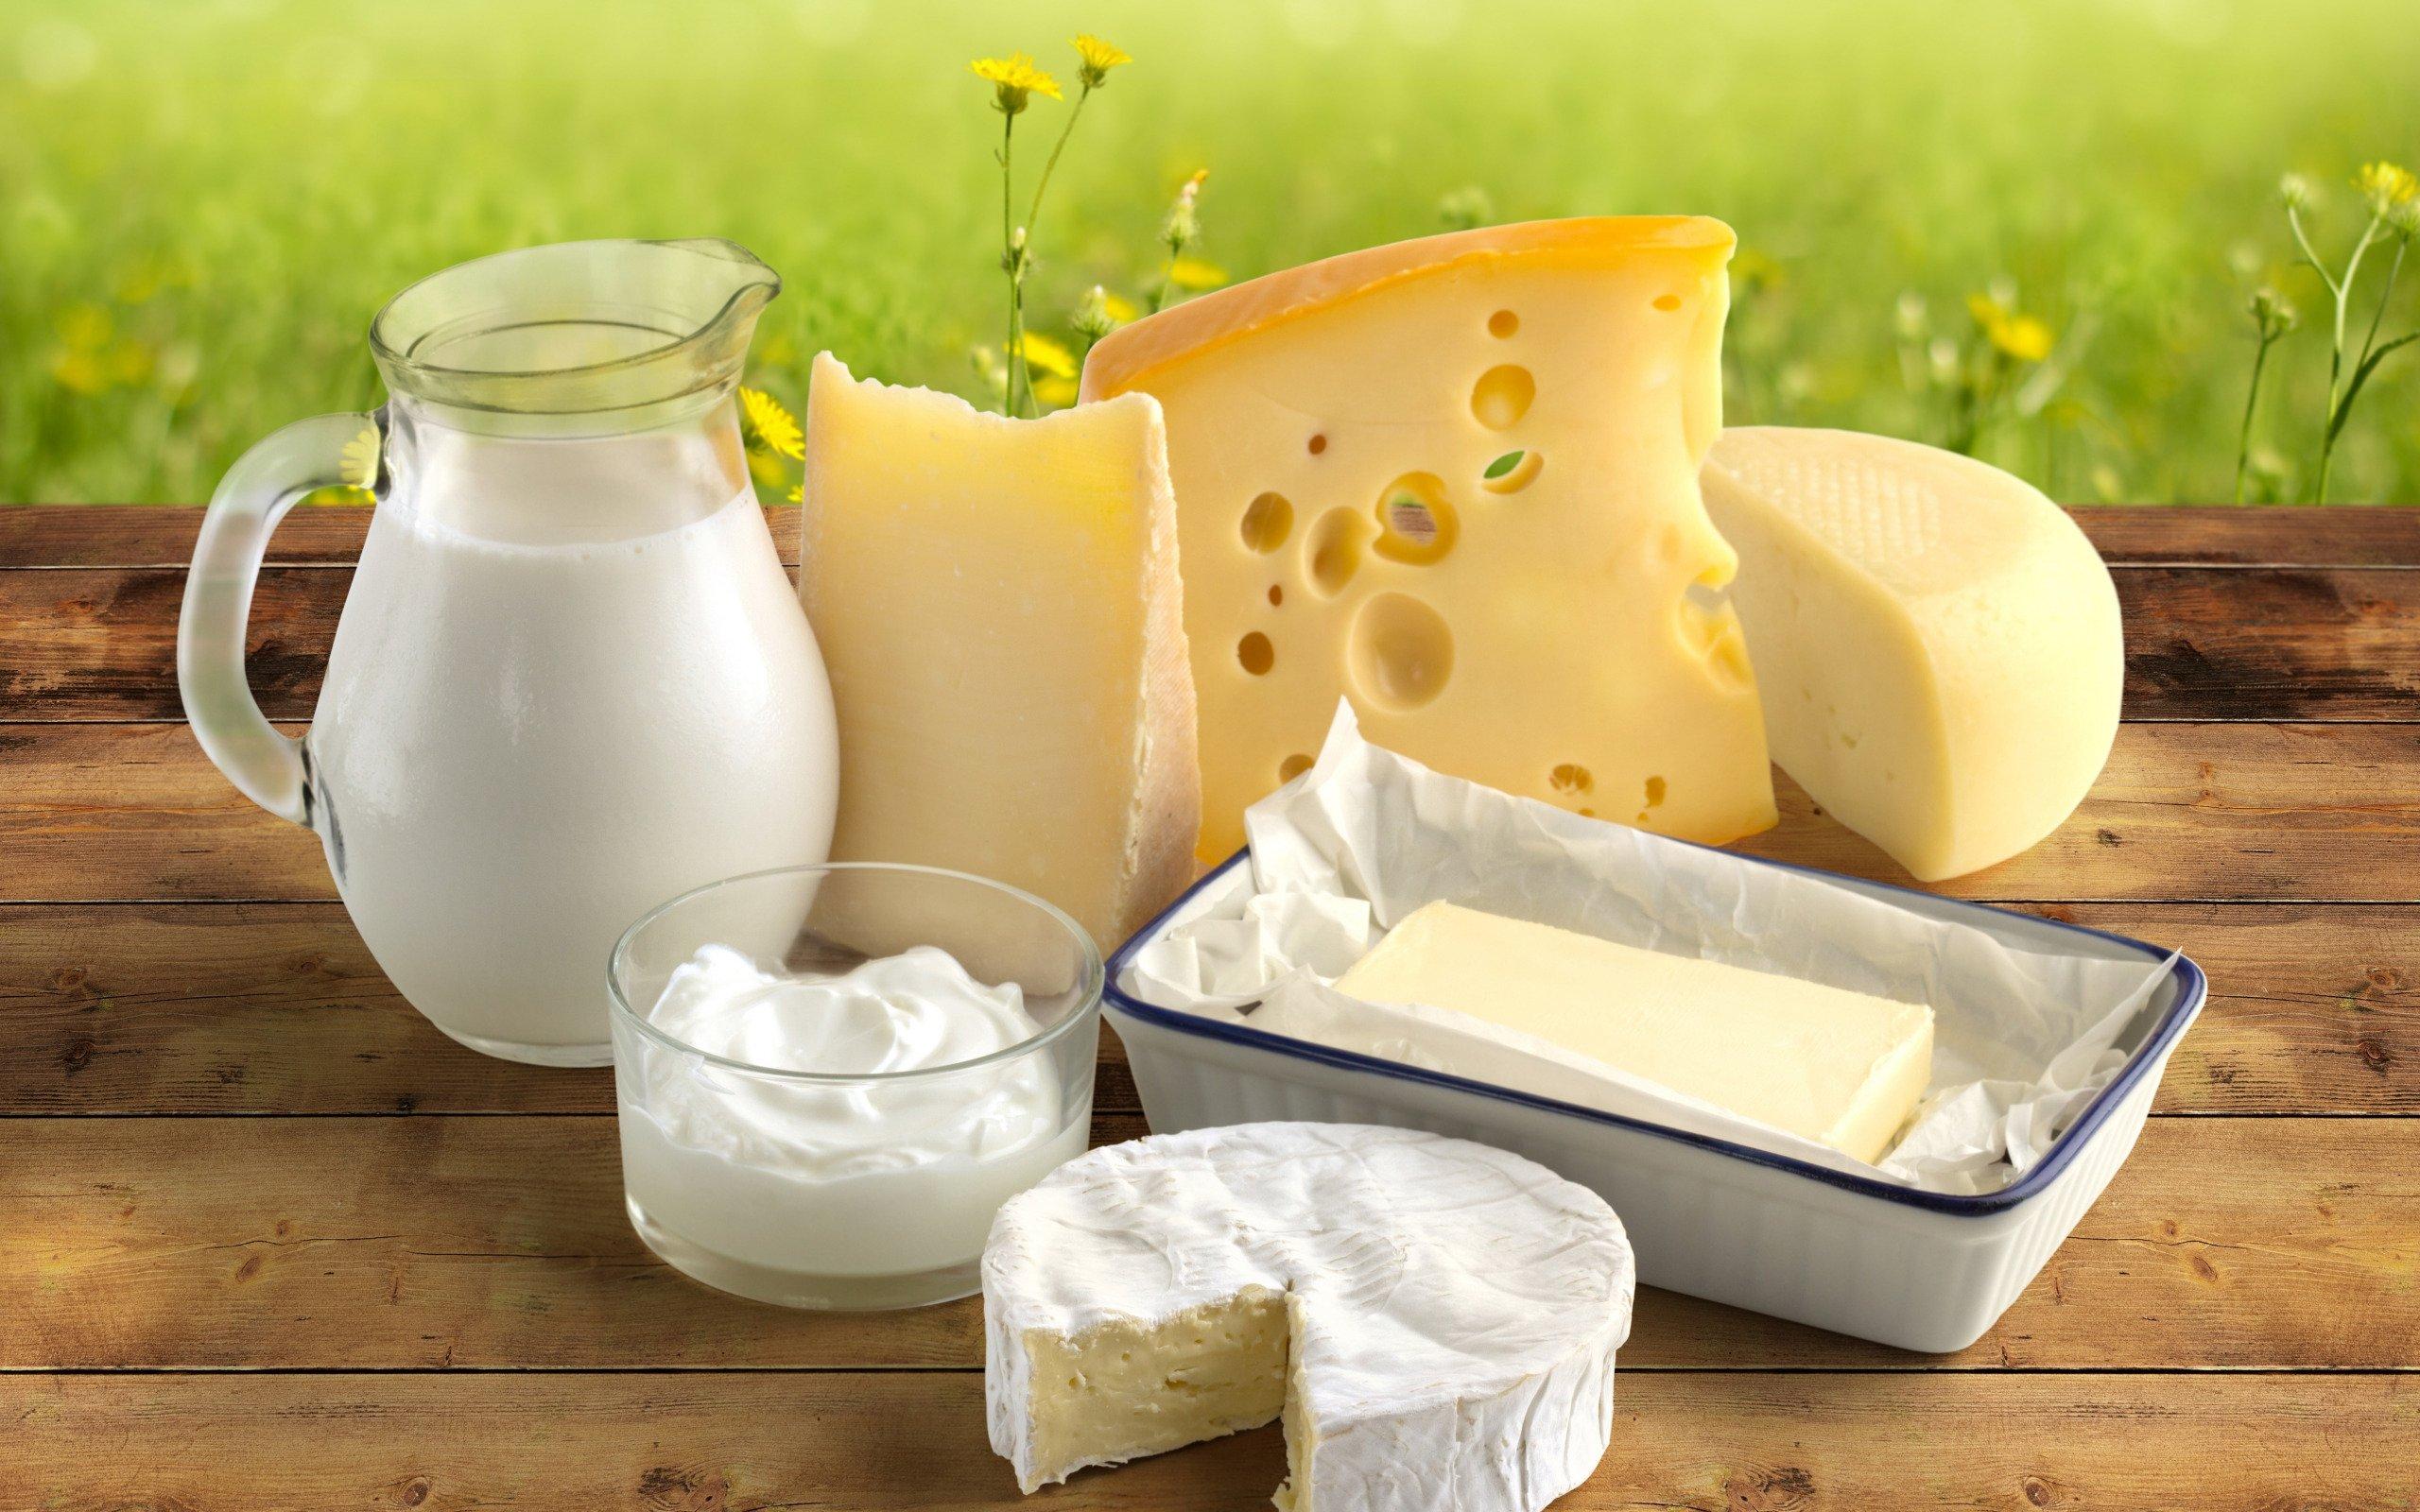 Сливочное масло ижирное молоко недадут умереть отинсульта